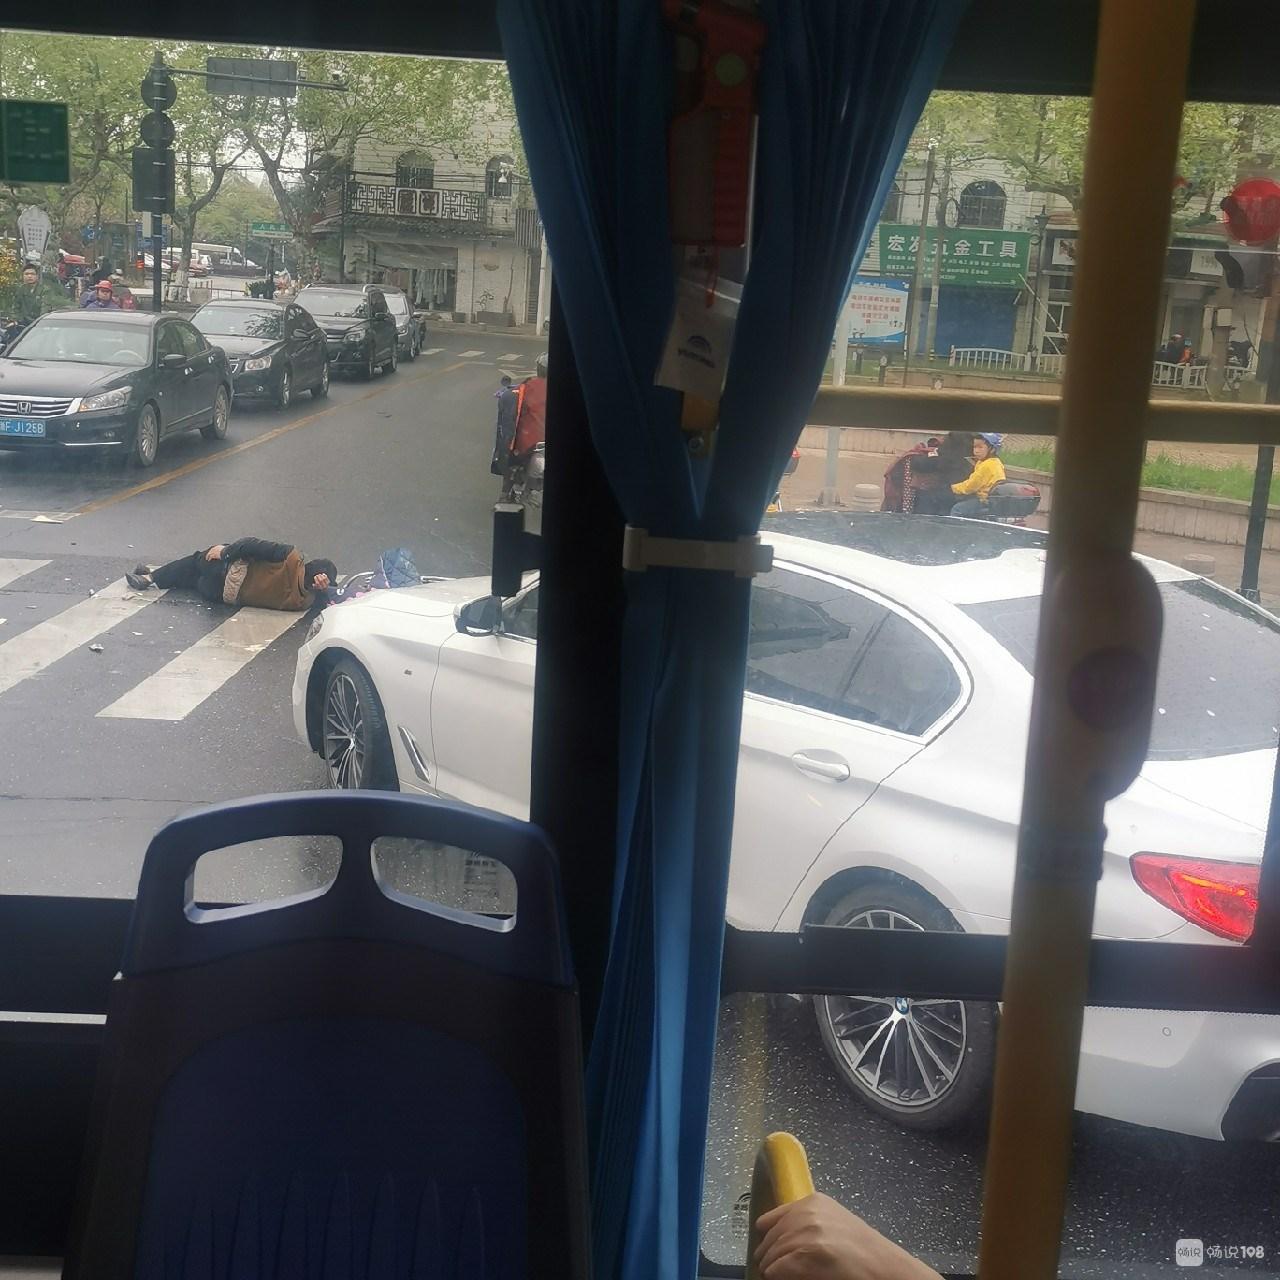 大清早南关厢附近出事!小车右转弯撞电瓶车,一人倒地!